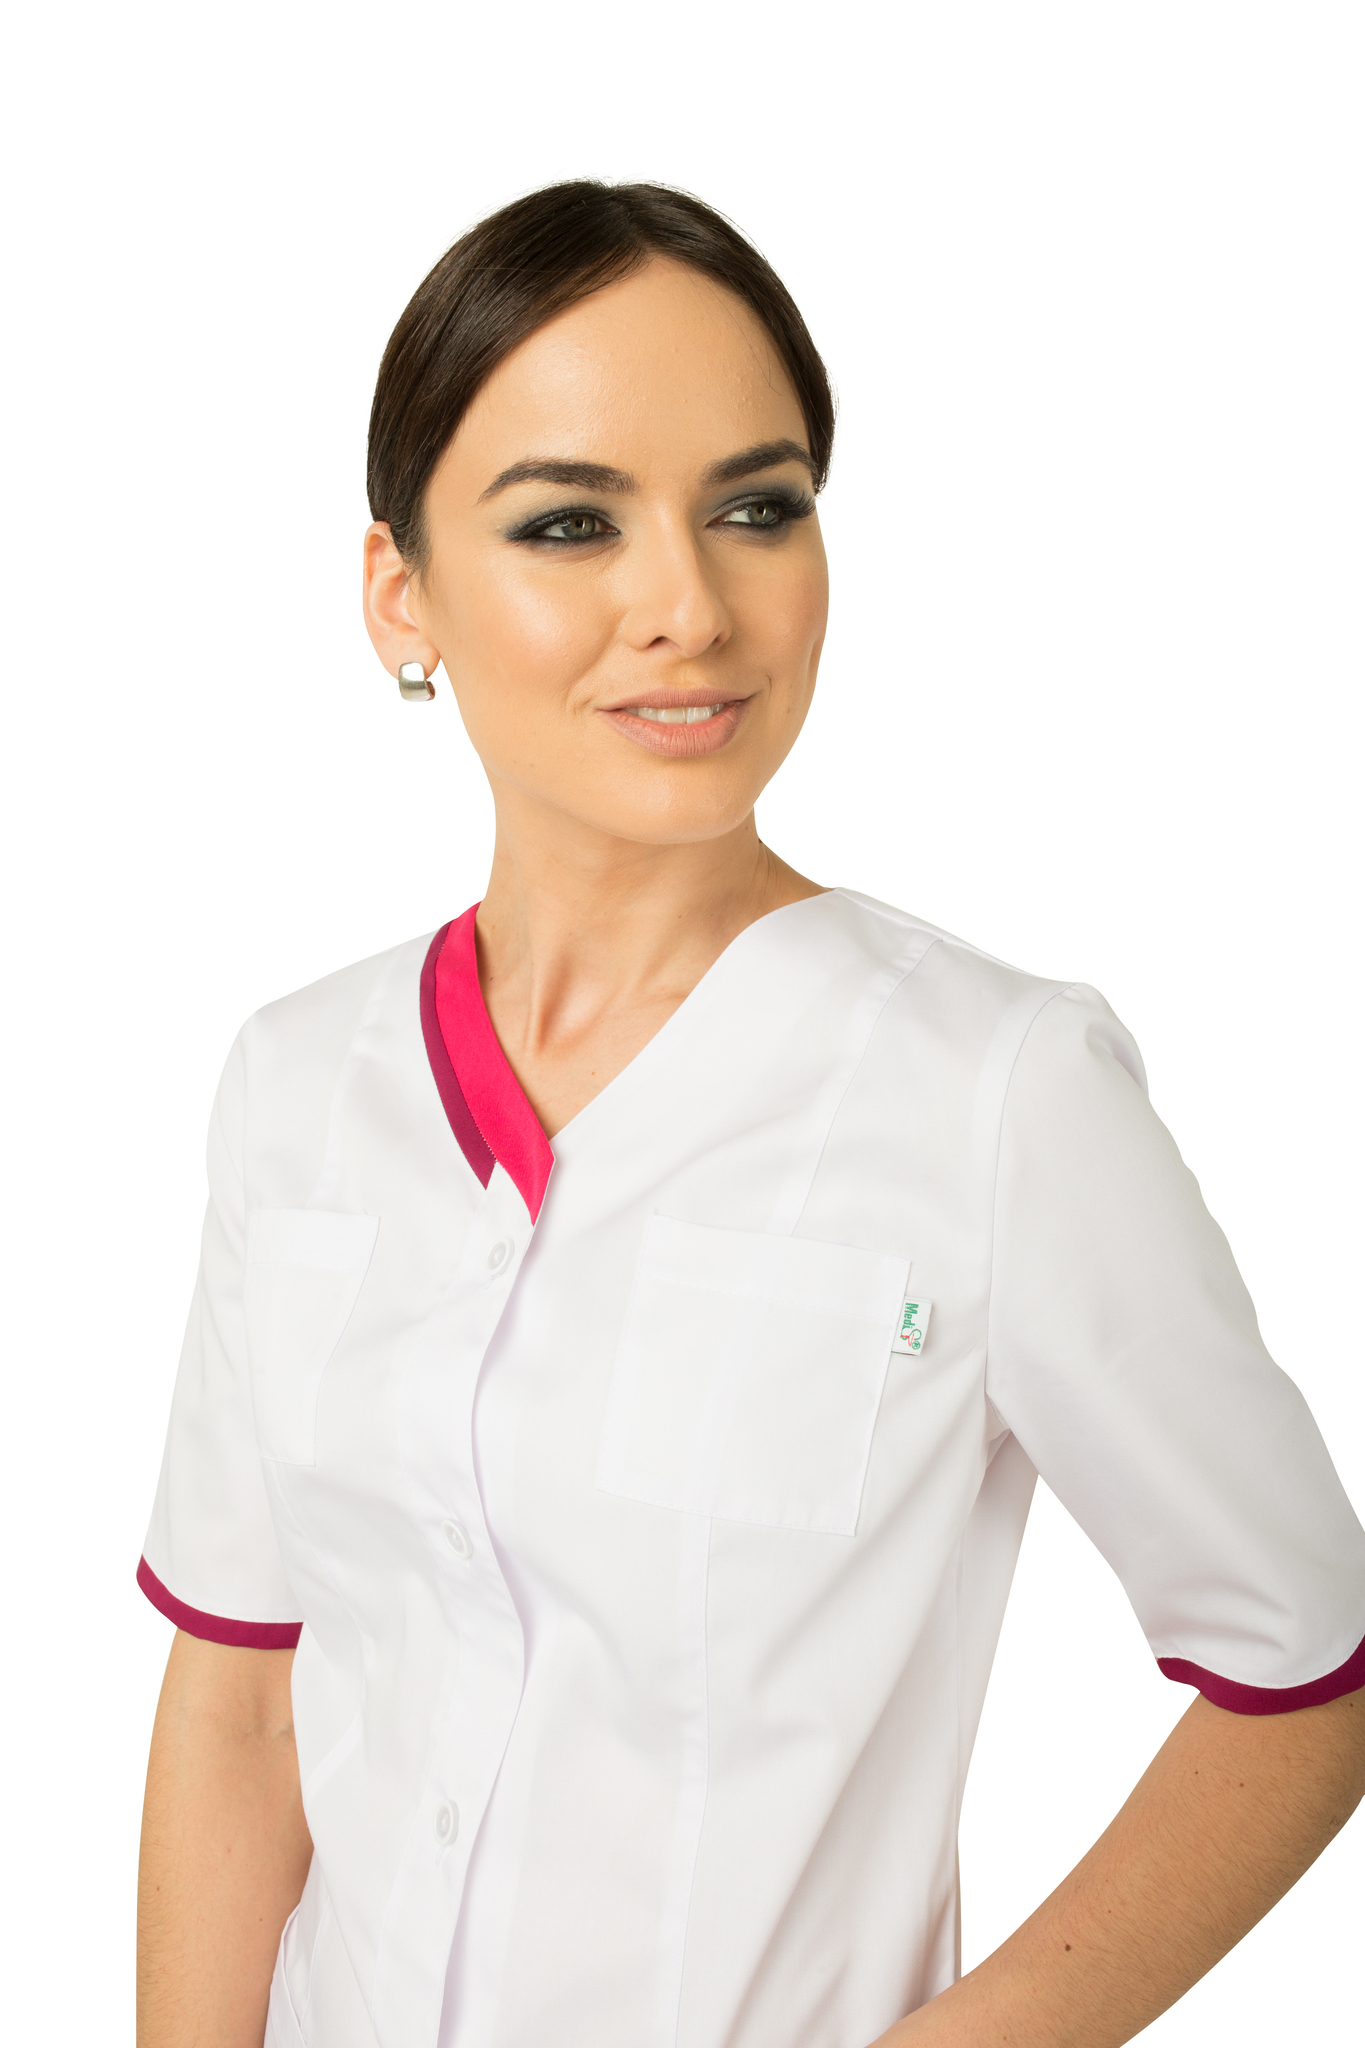 Стильная медицинская блуза-туника белого цвета с яркими малиновыми вставками.